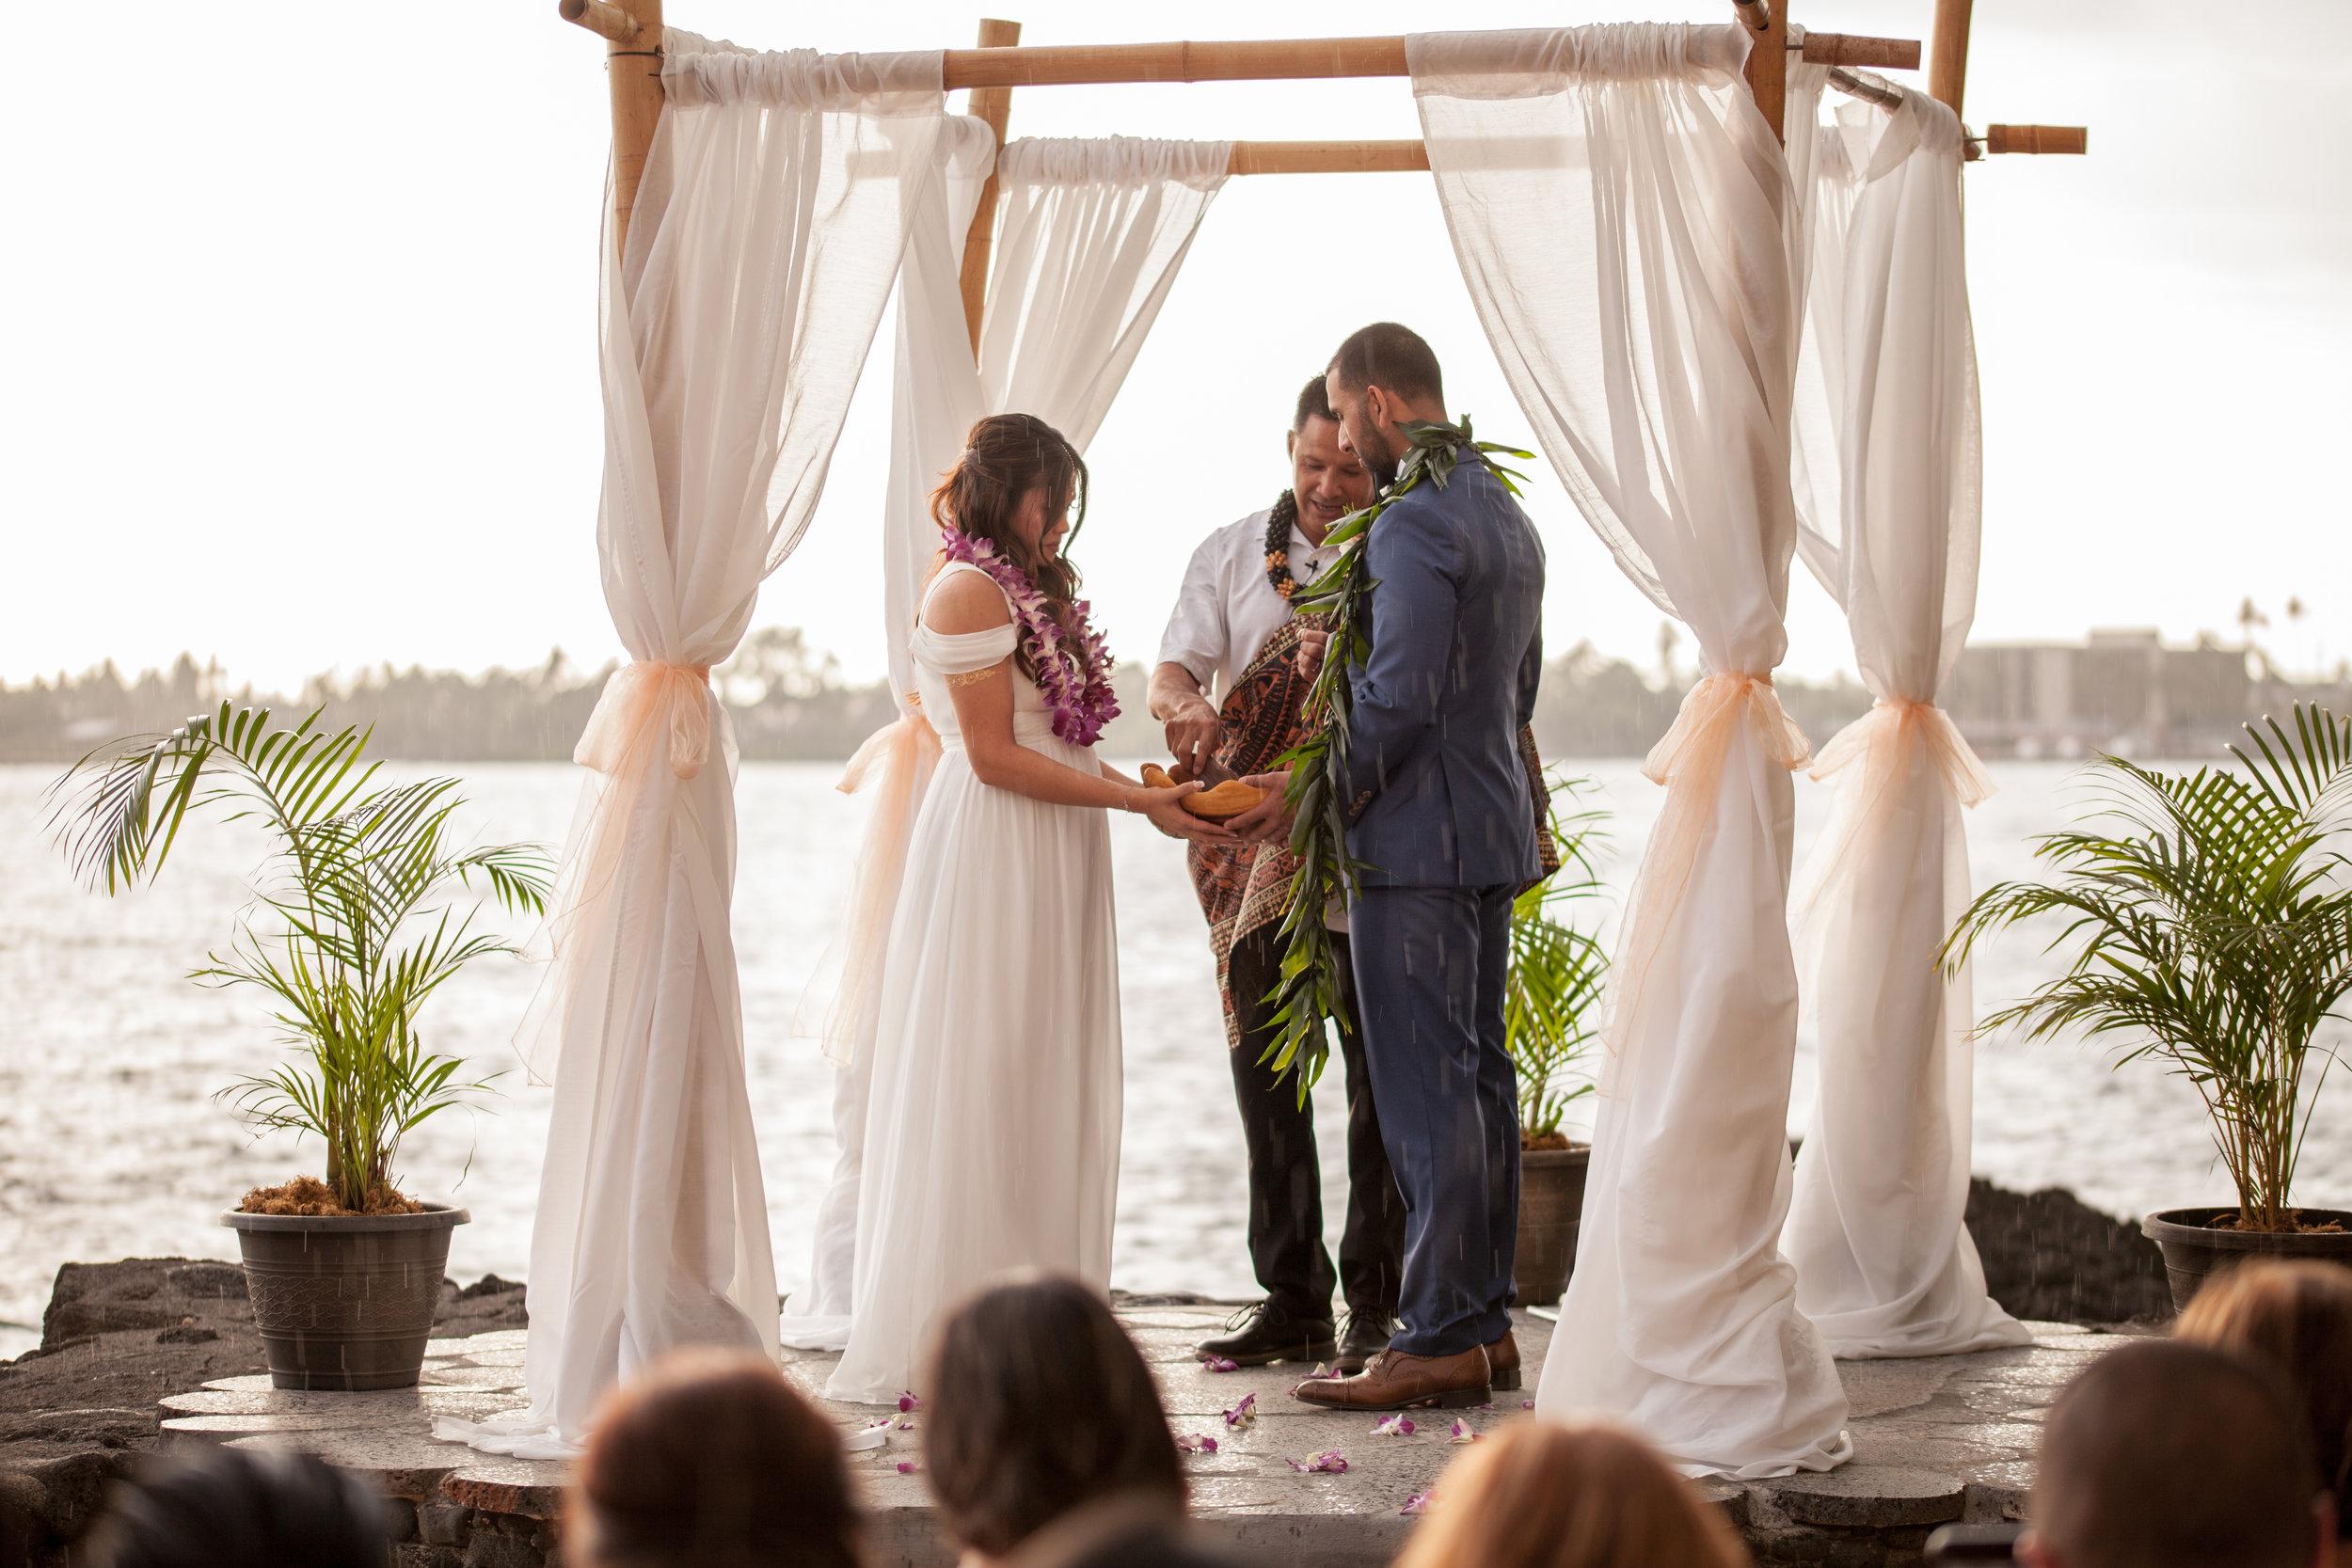 big island hawaii royal kona resort beach wedding © kelilina photography 20170615180025.jpg